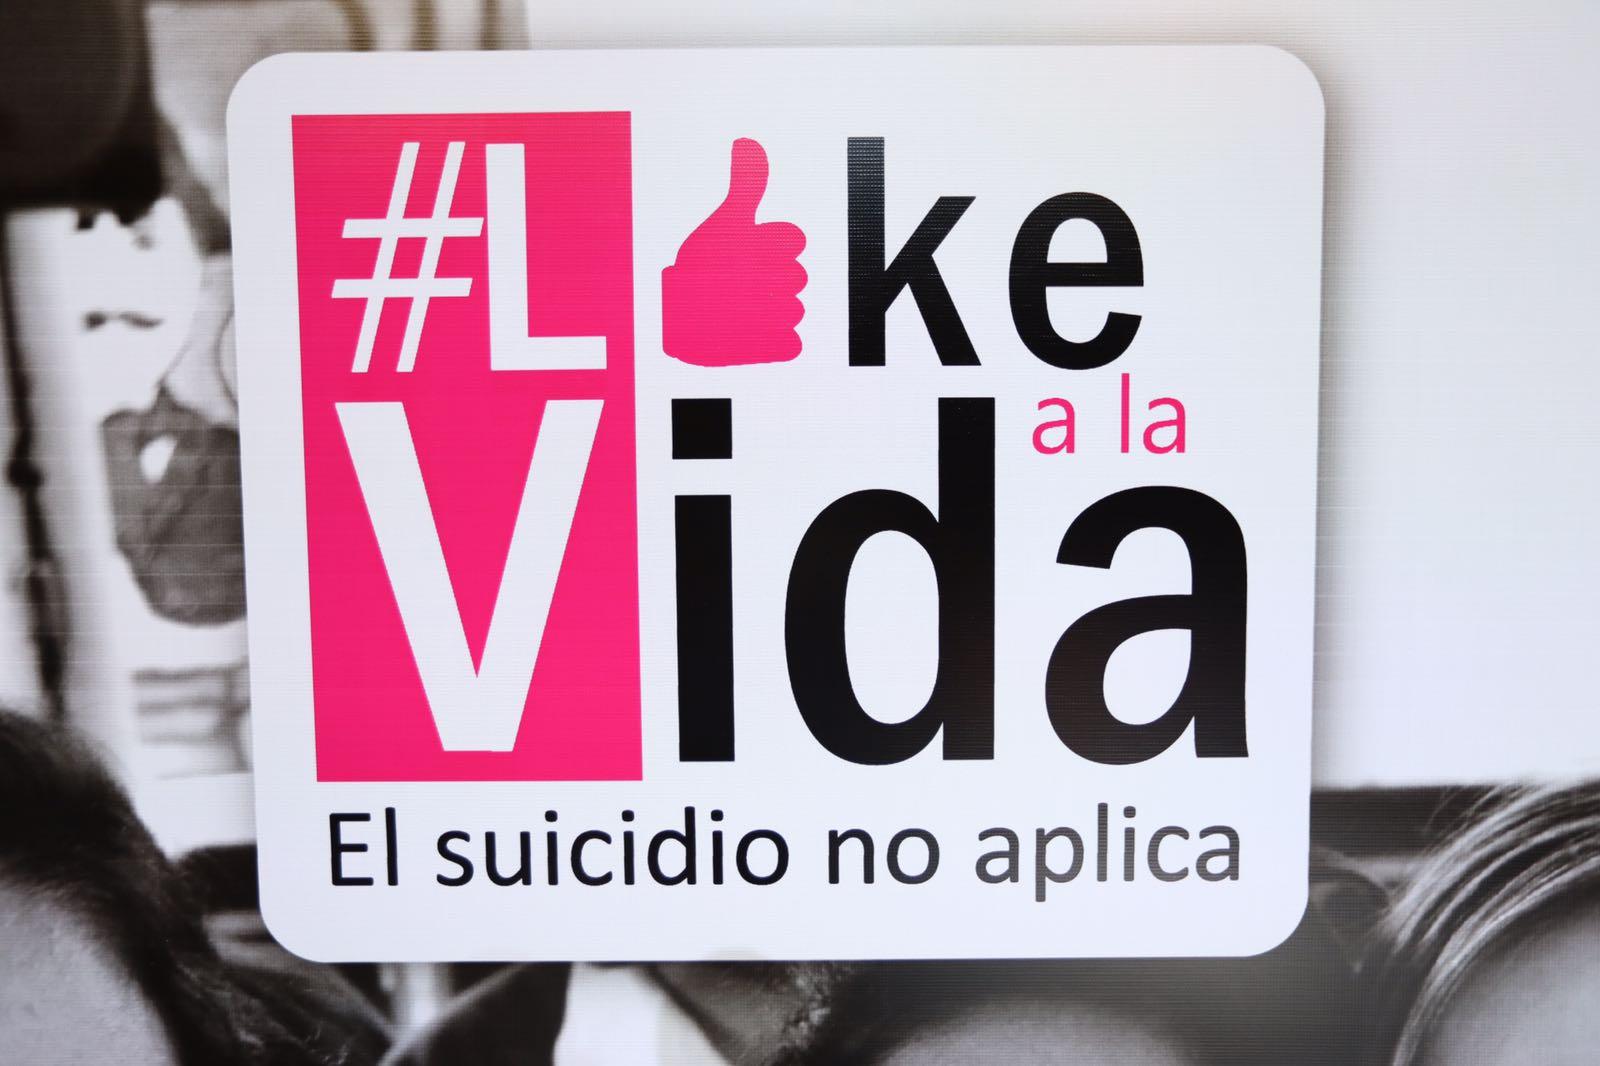 Presentan campaña de prevención y atención al suicidio en jóvenes Like a la Vida